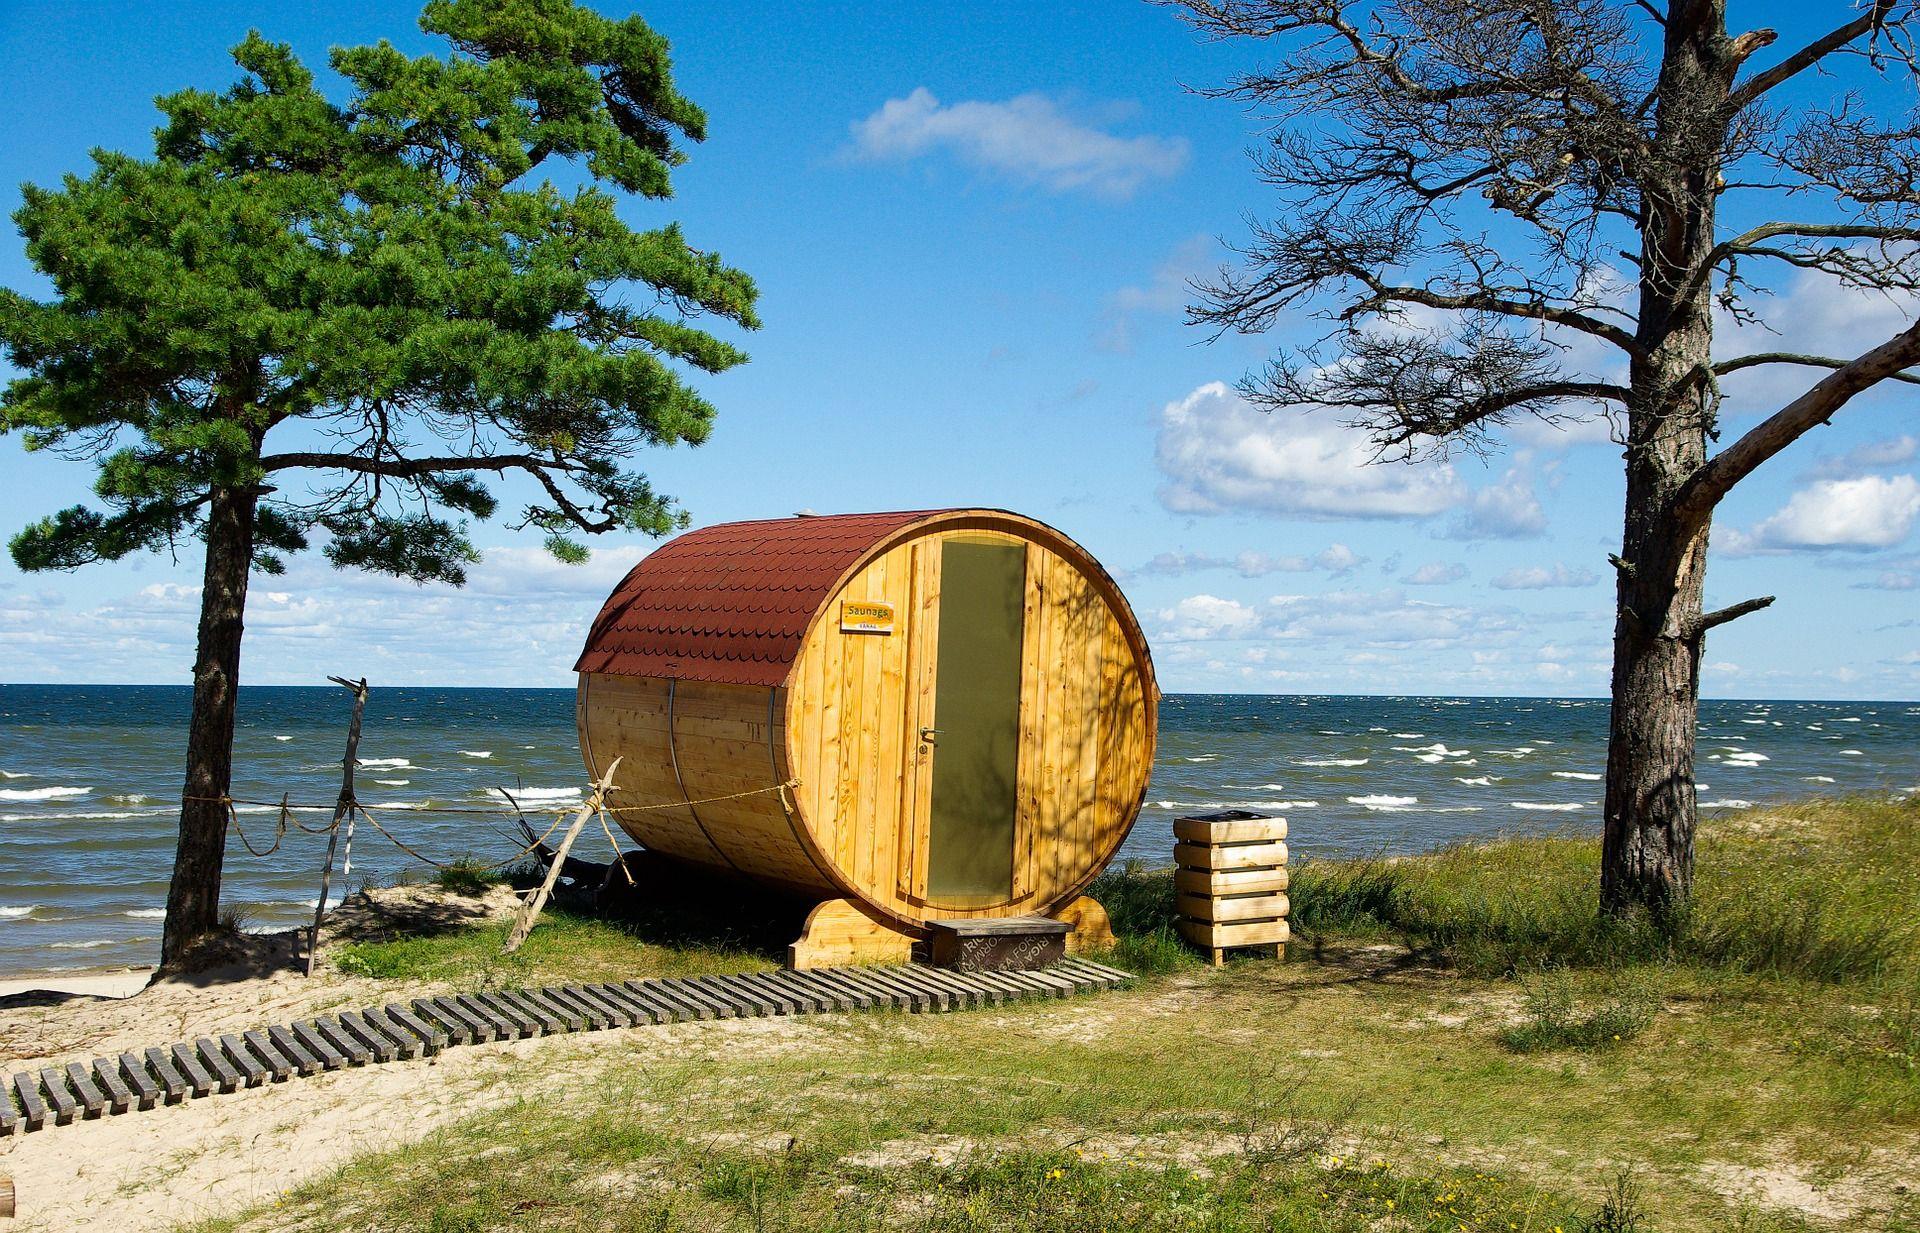 Erst Joggen am Strand und hinterher in der Sauna aufwärmen: Die Apple Watch 2 könnte theoretisch alle Gesundheitsdaten aufzeichen. Foto: Pixabay